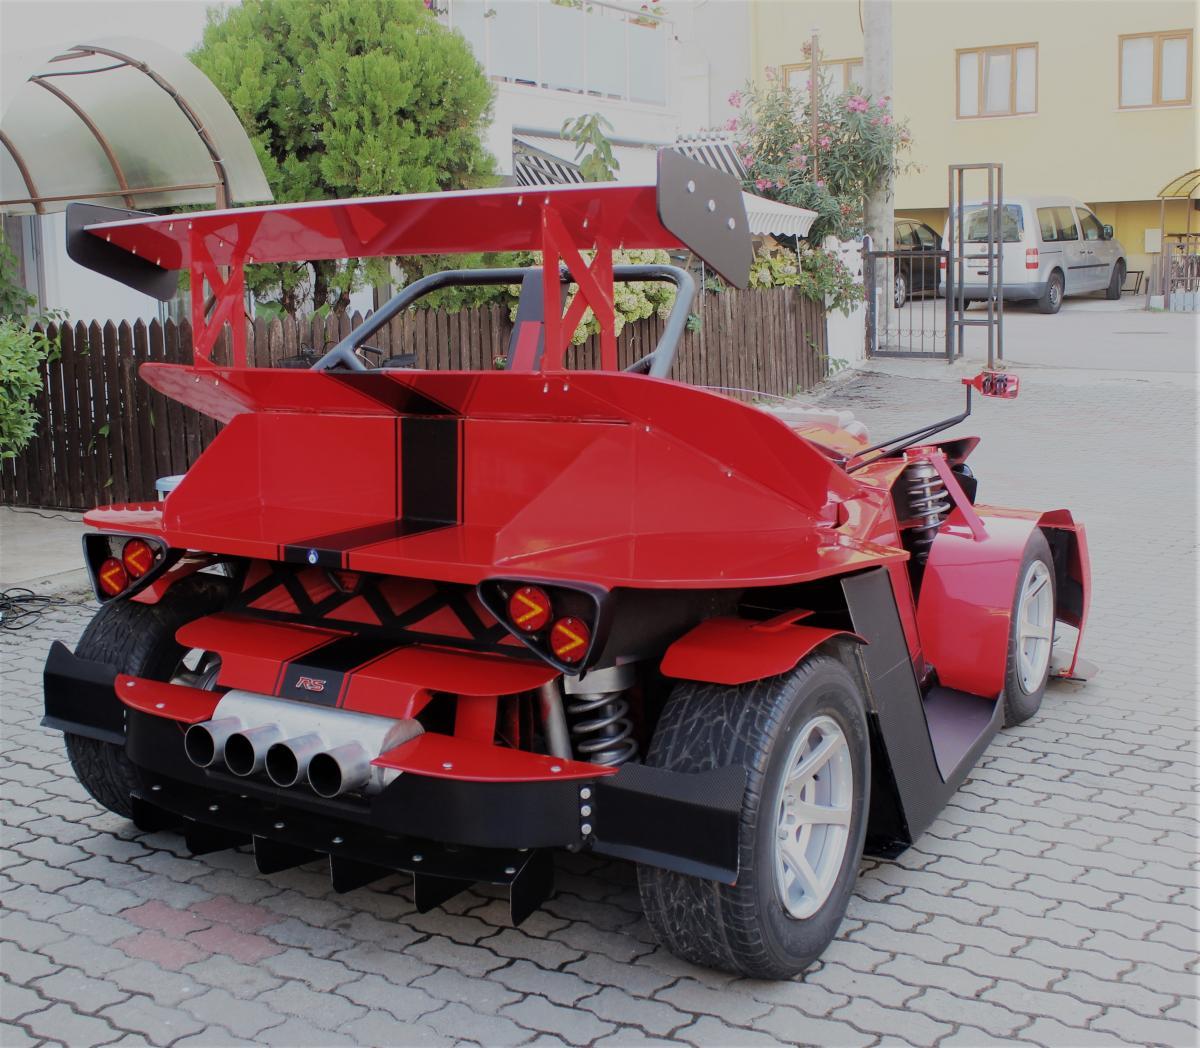 Emekli maaşıyla kendine son model otomobil yaptı - Resim: 1